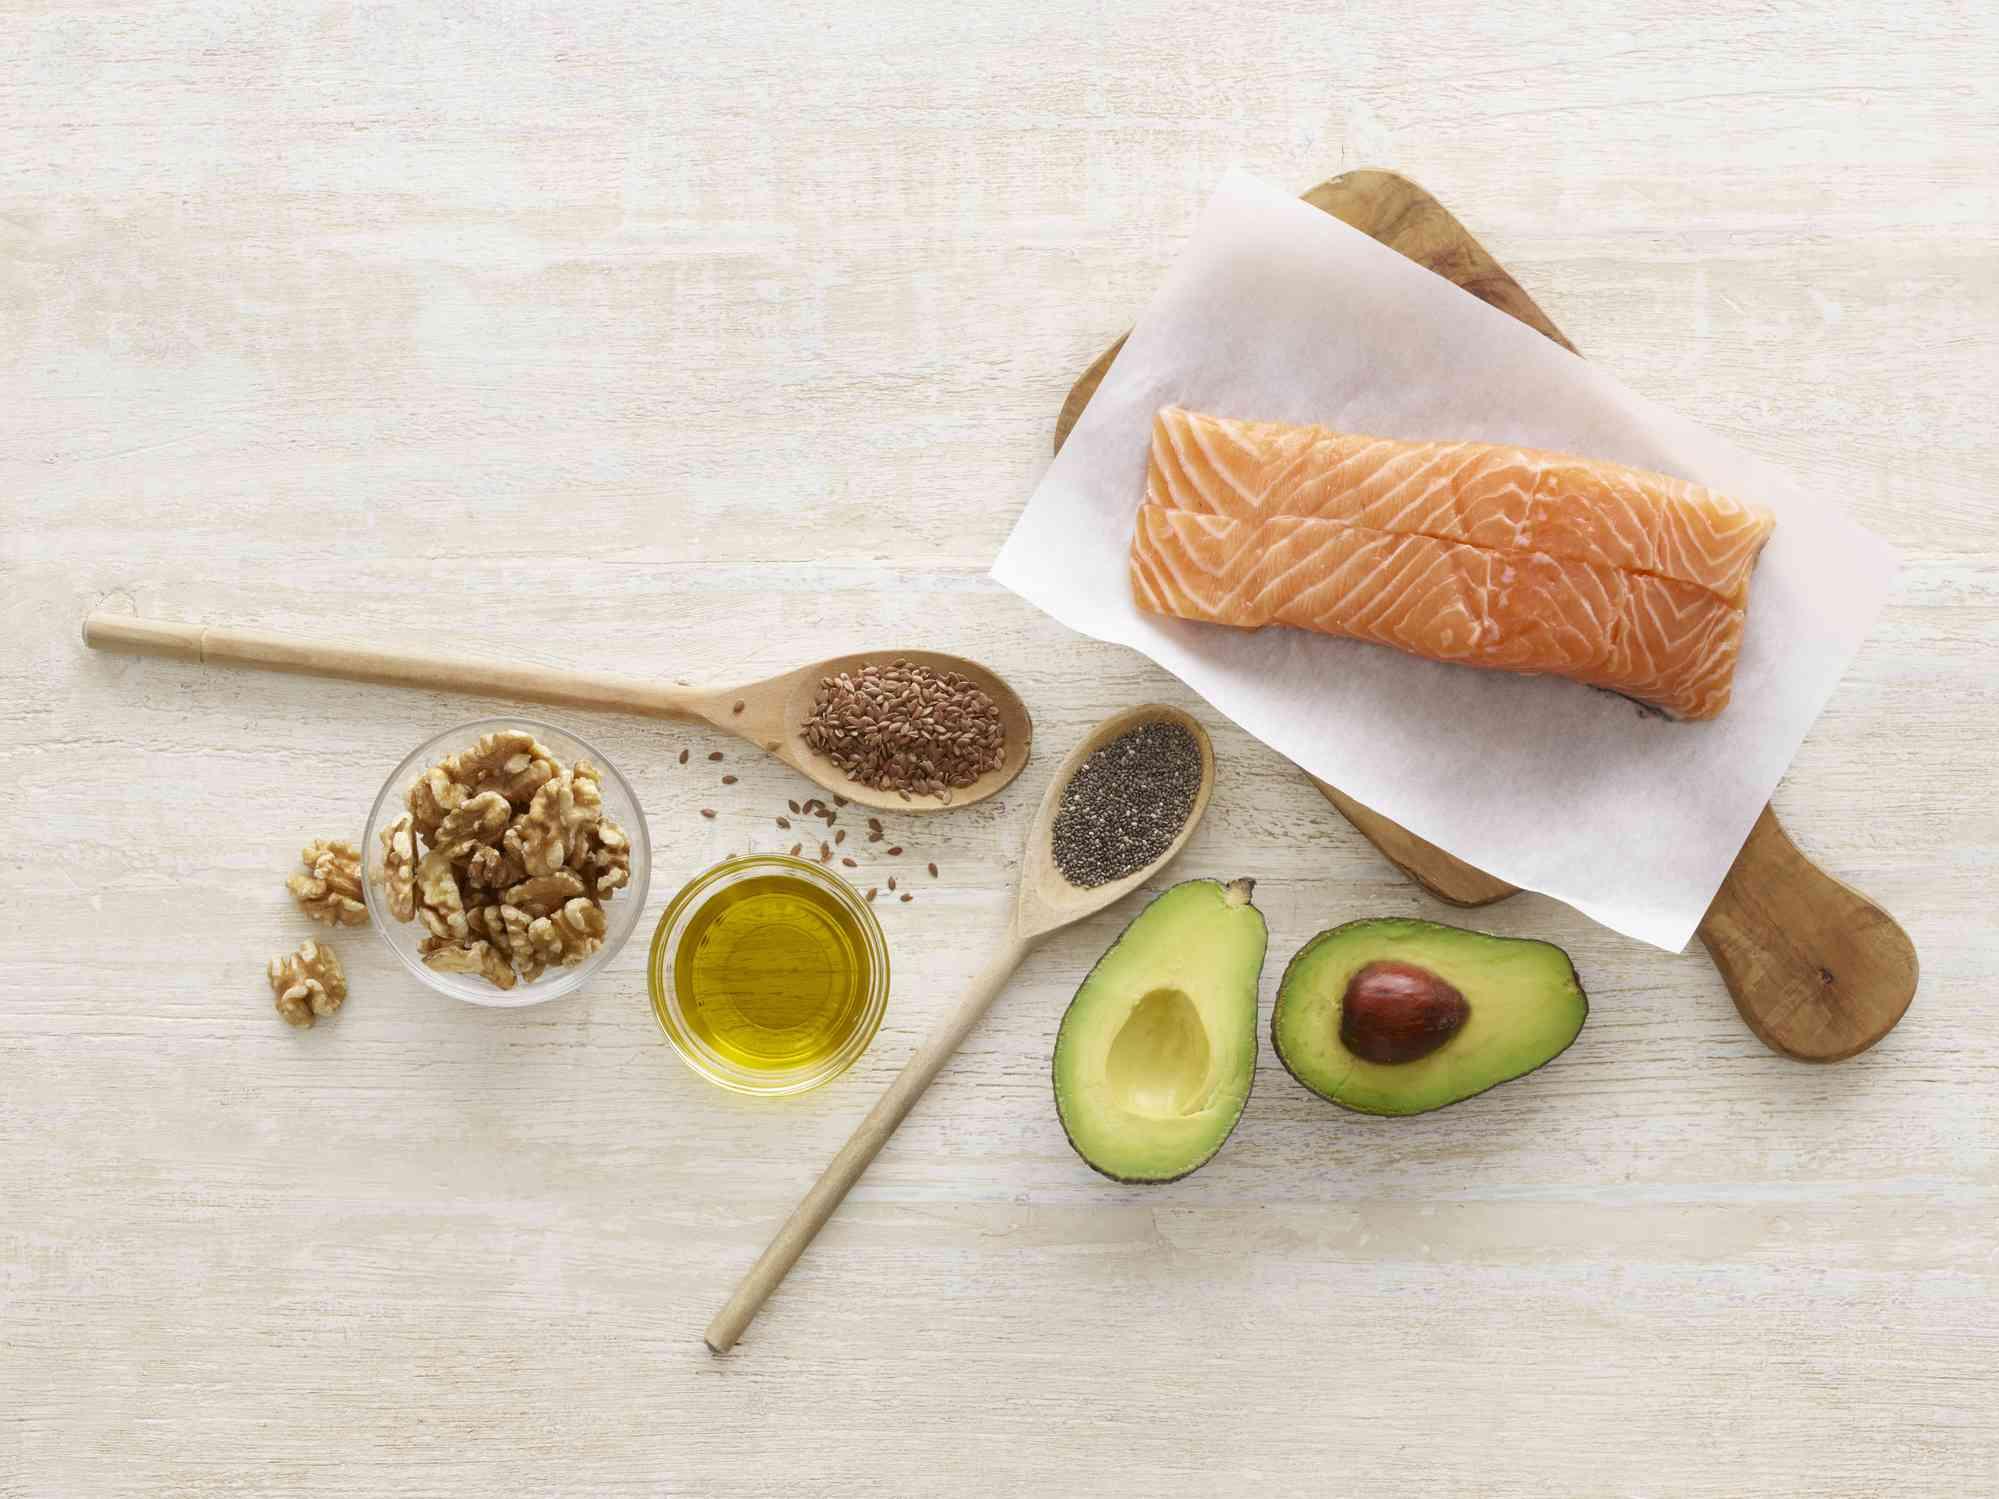 Walnut oil with walnuts, salmon, and avocado